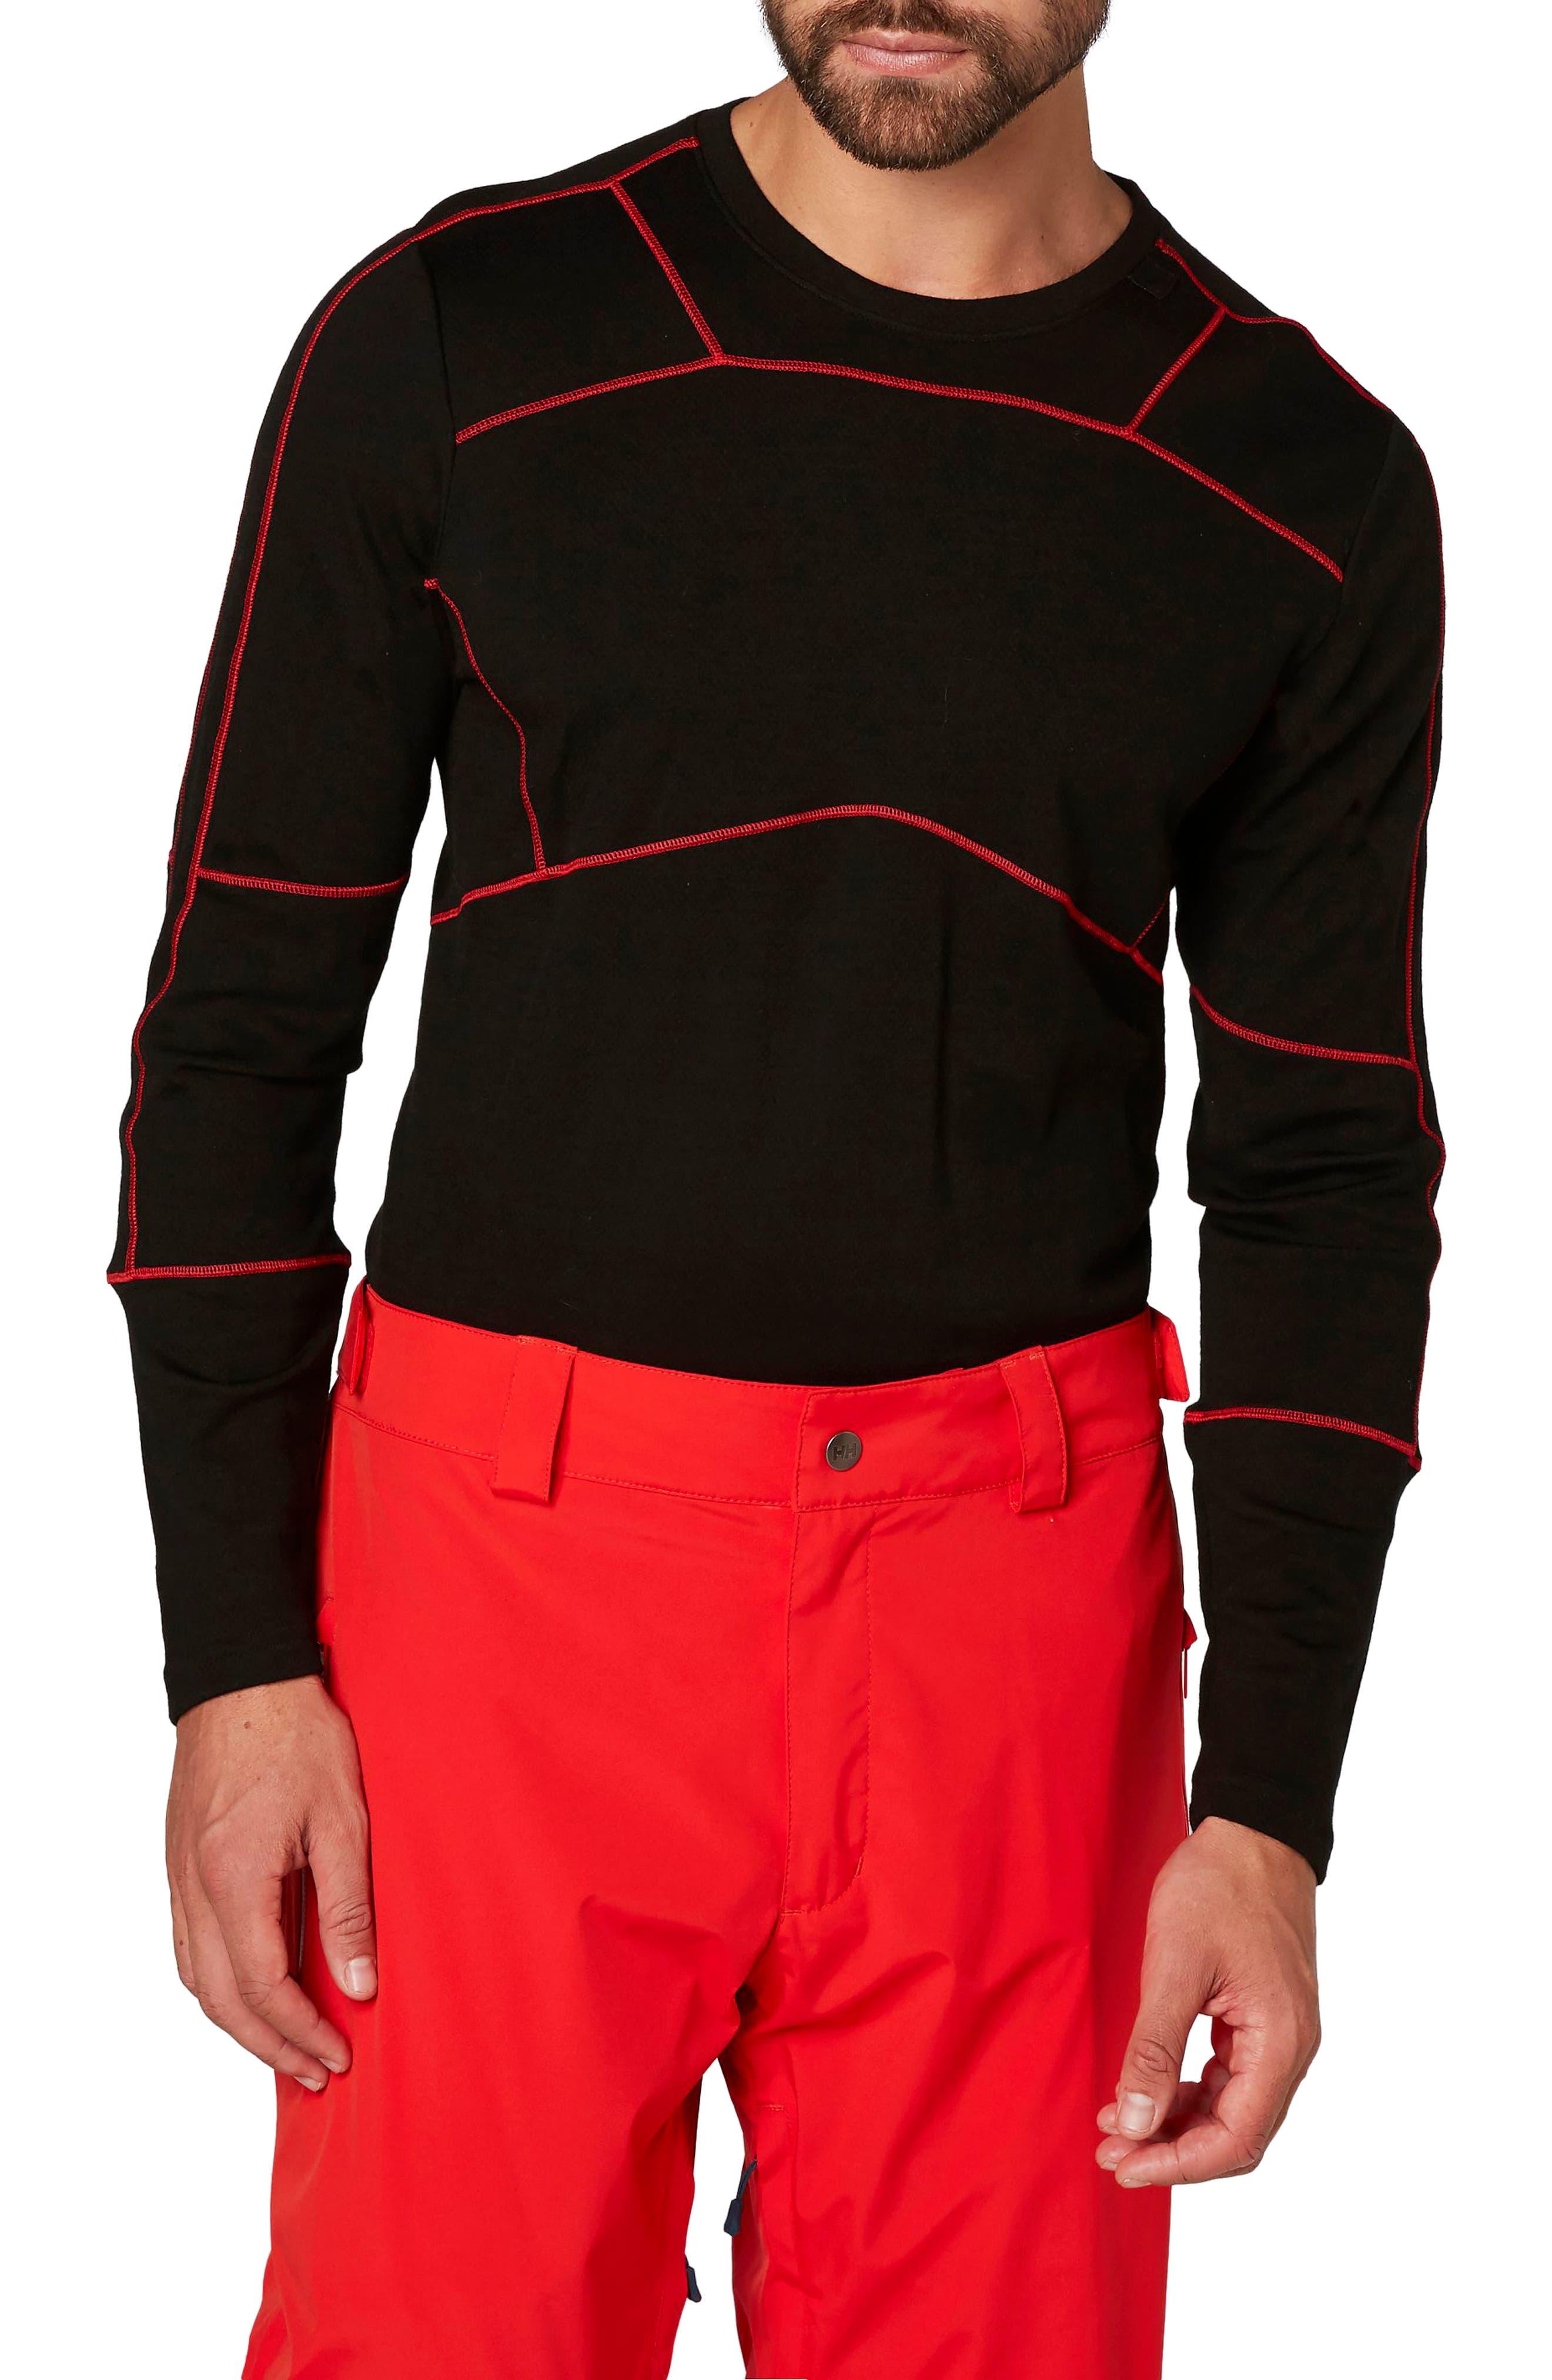 HH<sup>®</sup> Lifa Merino Max Crewneck Pullover,                         Main,                         color, 001